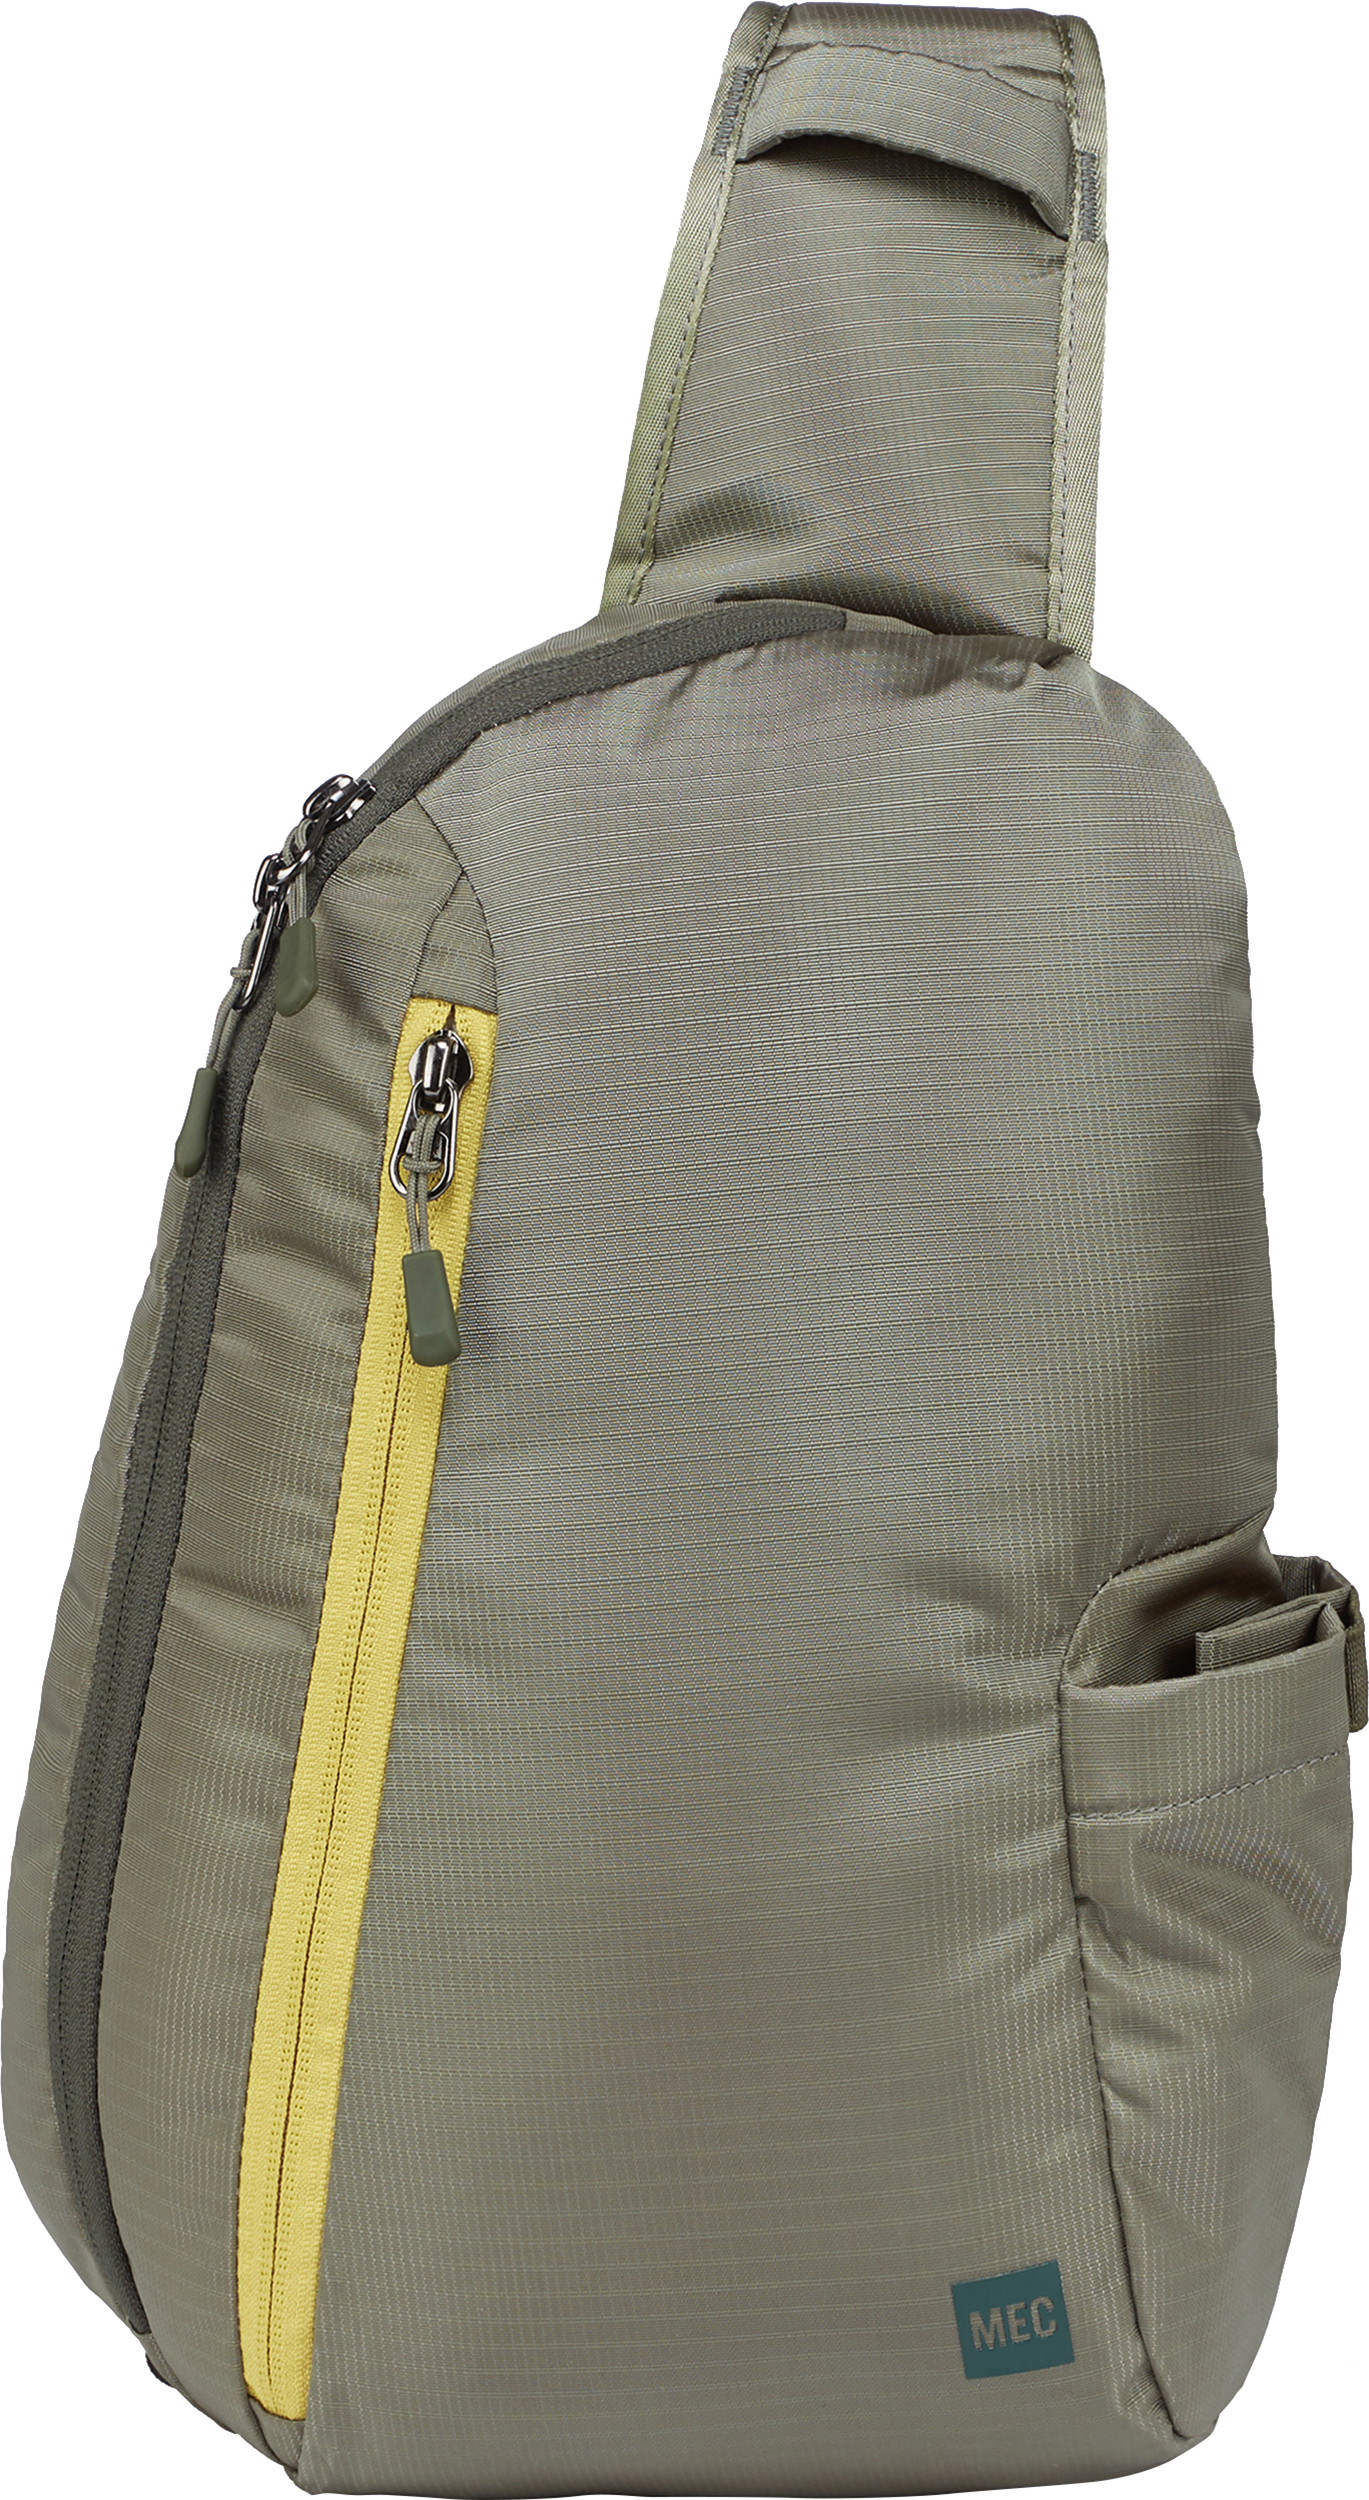 ccaddd2248 Shoulder bags